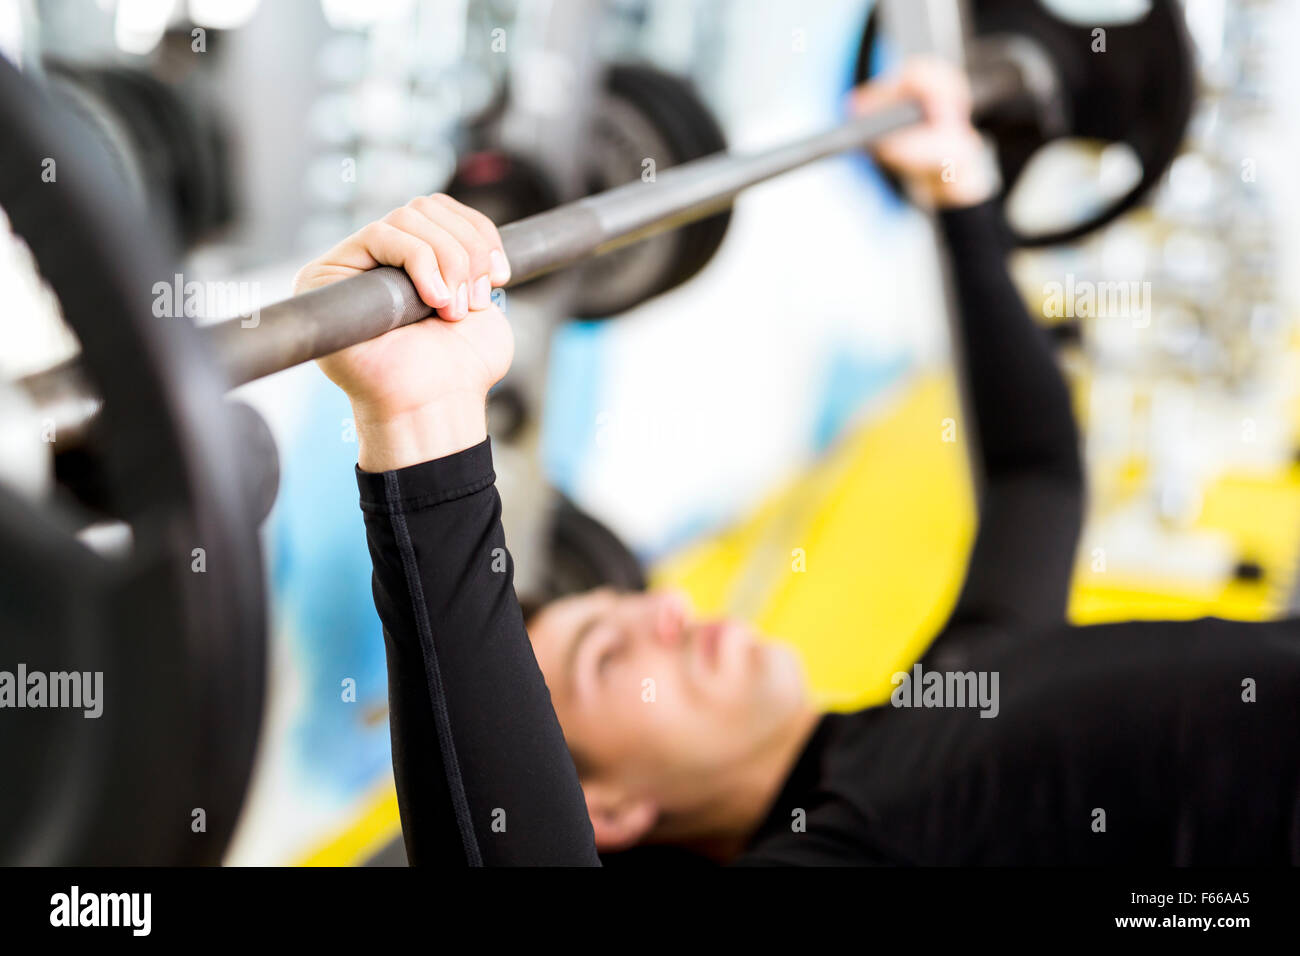 Nahaufnahme von jungen hübschen männlichen Übungen auf beim Bankdrücken Stockbild